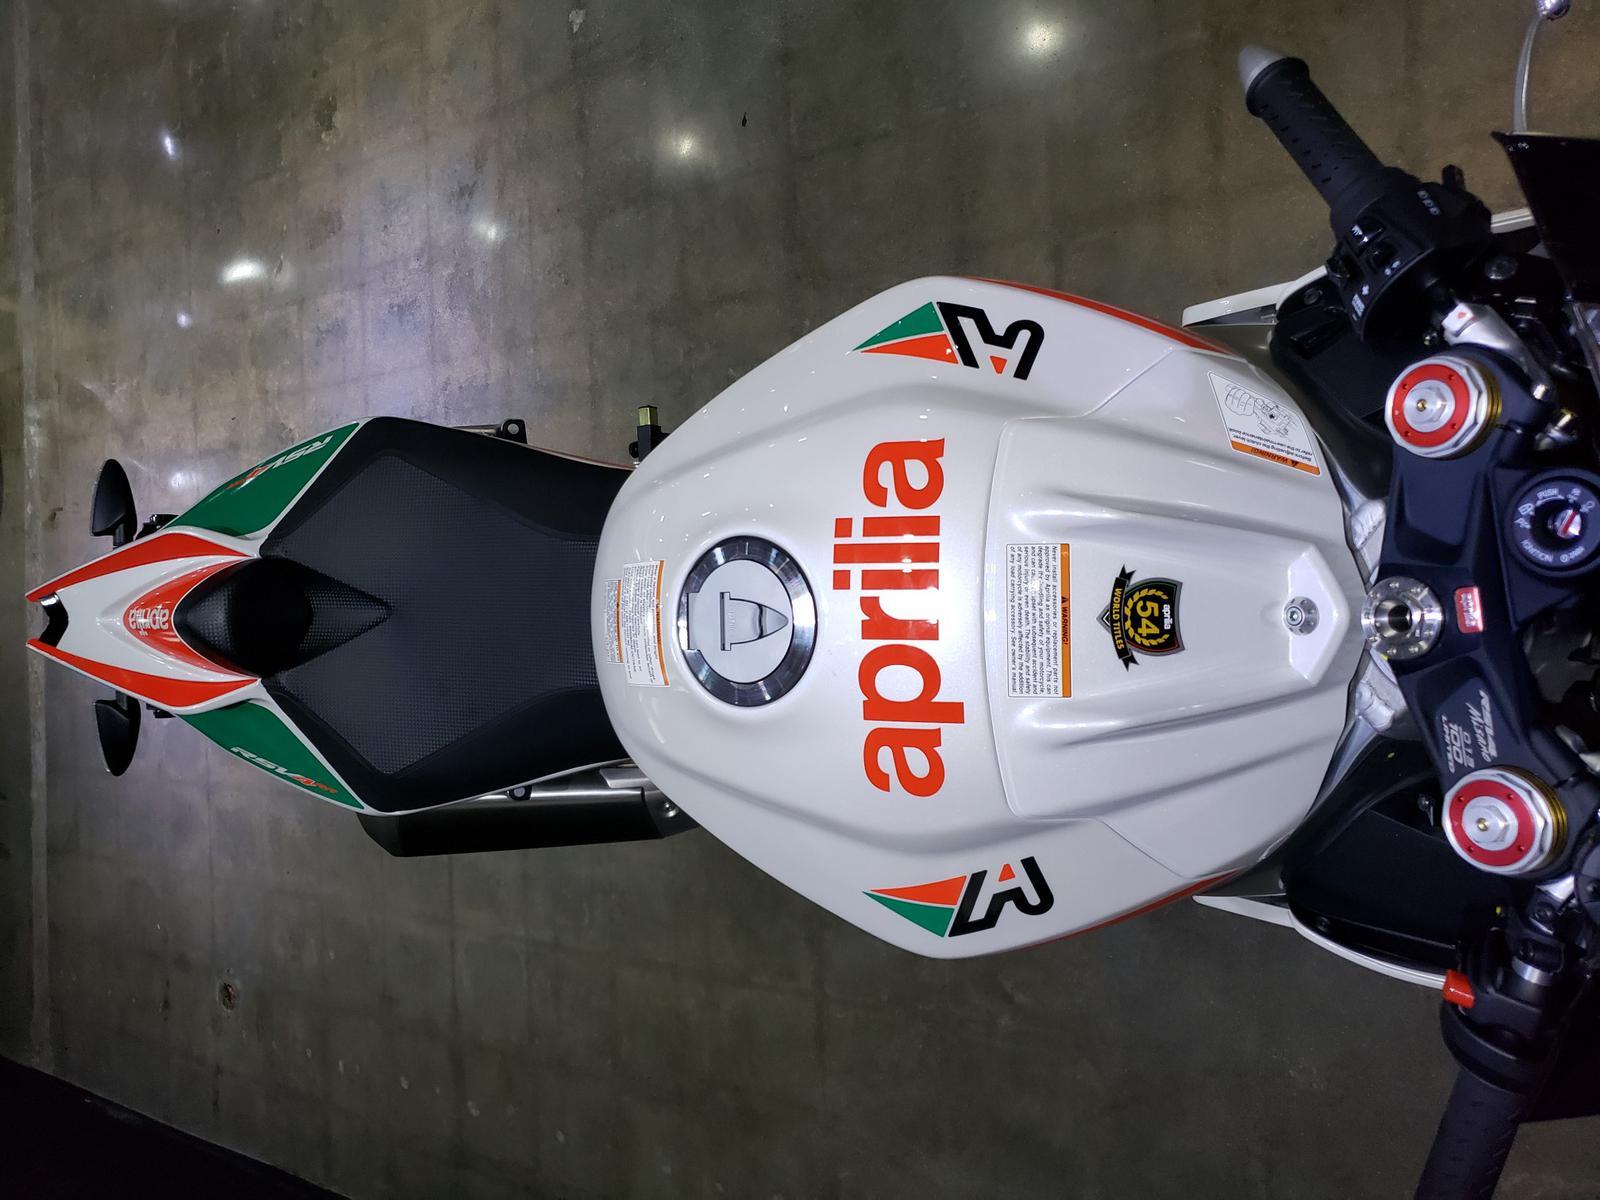 2020 Aprilia Rsv4 Rr Misano For Sale In Santa Monica Ca Moto Club Santa Monica Santa Monica Ca 310 882 5684